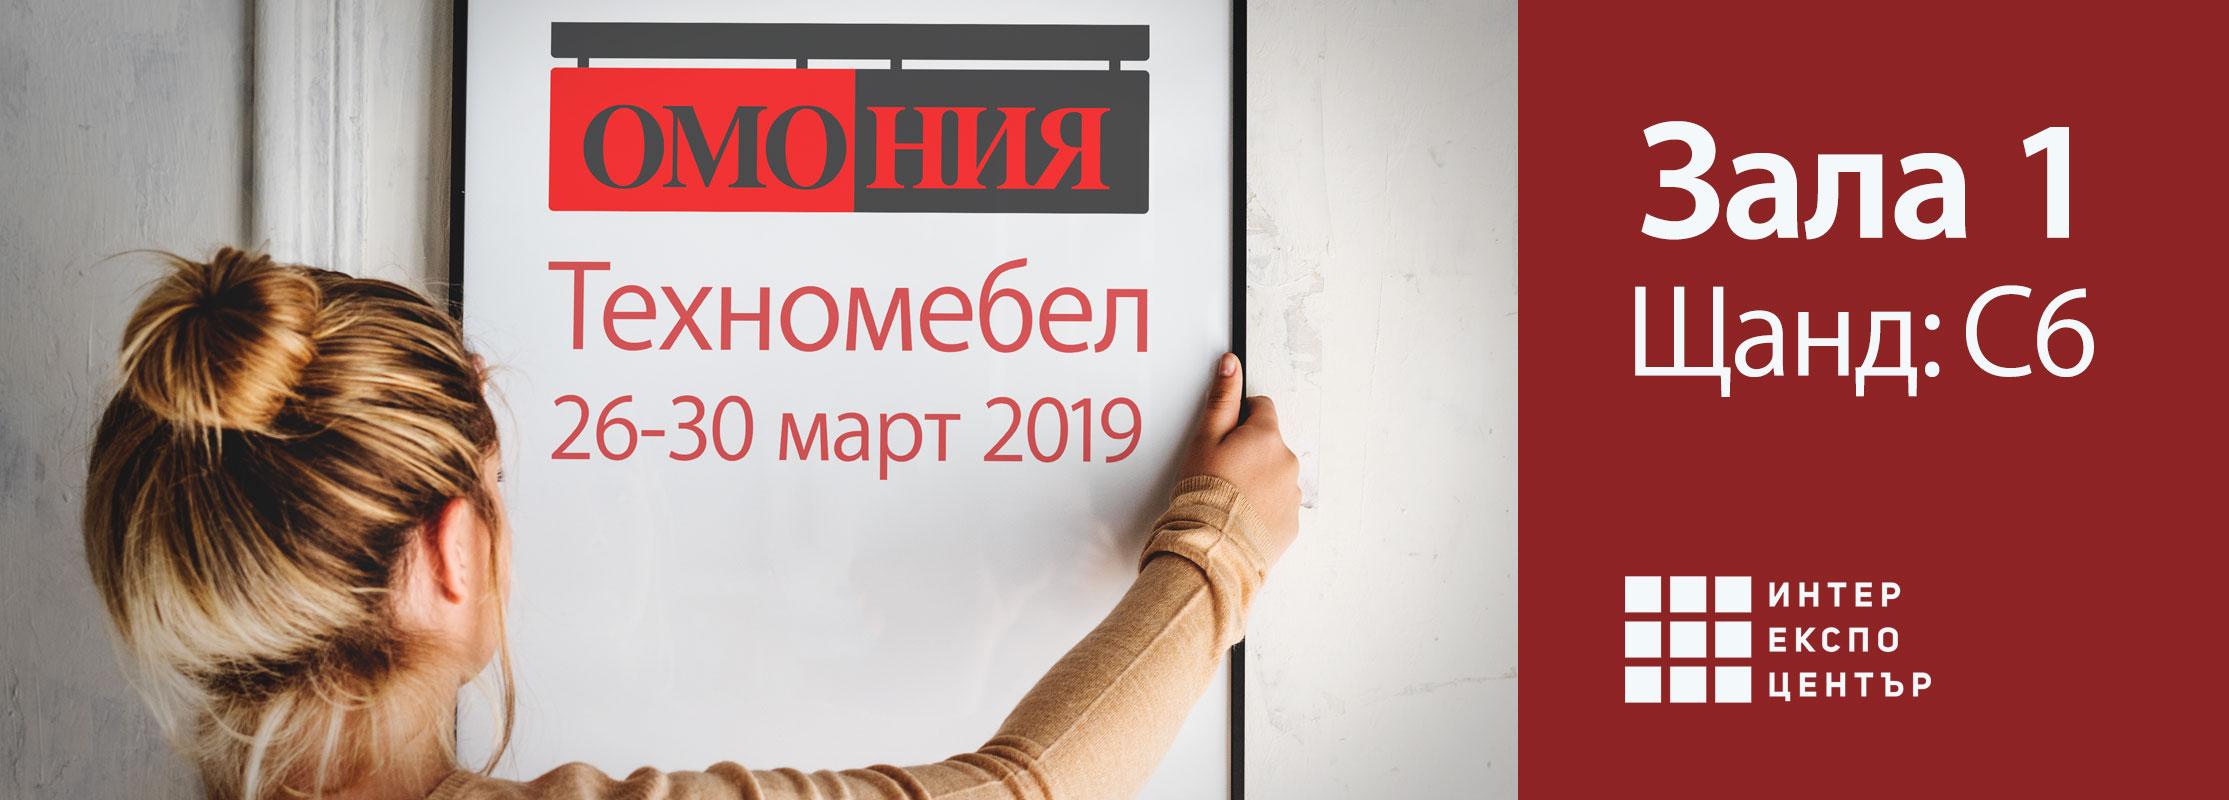 Техномебел 2019